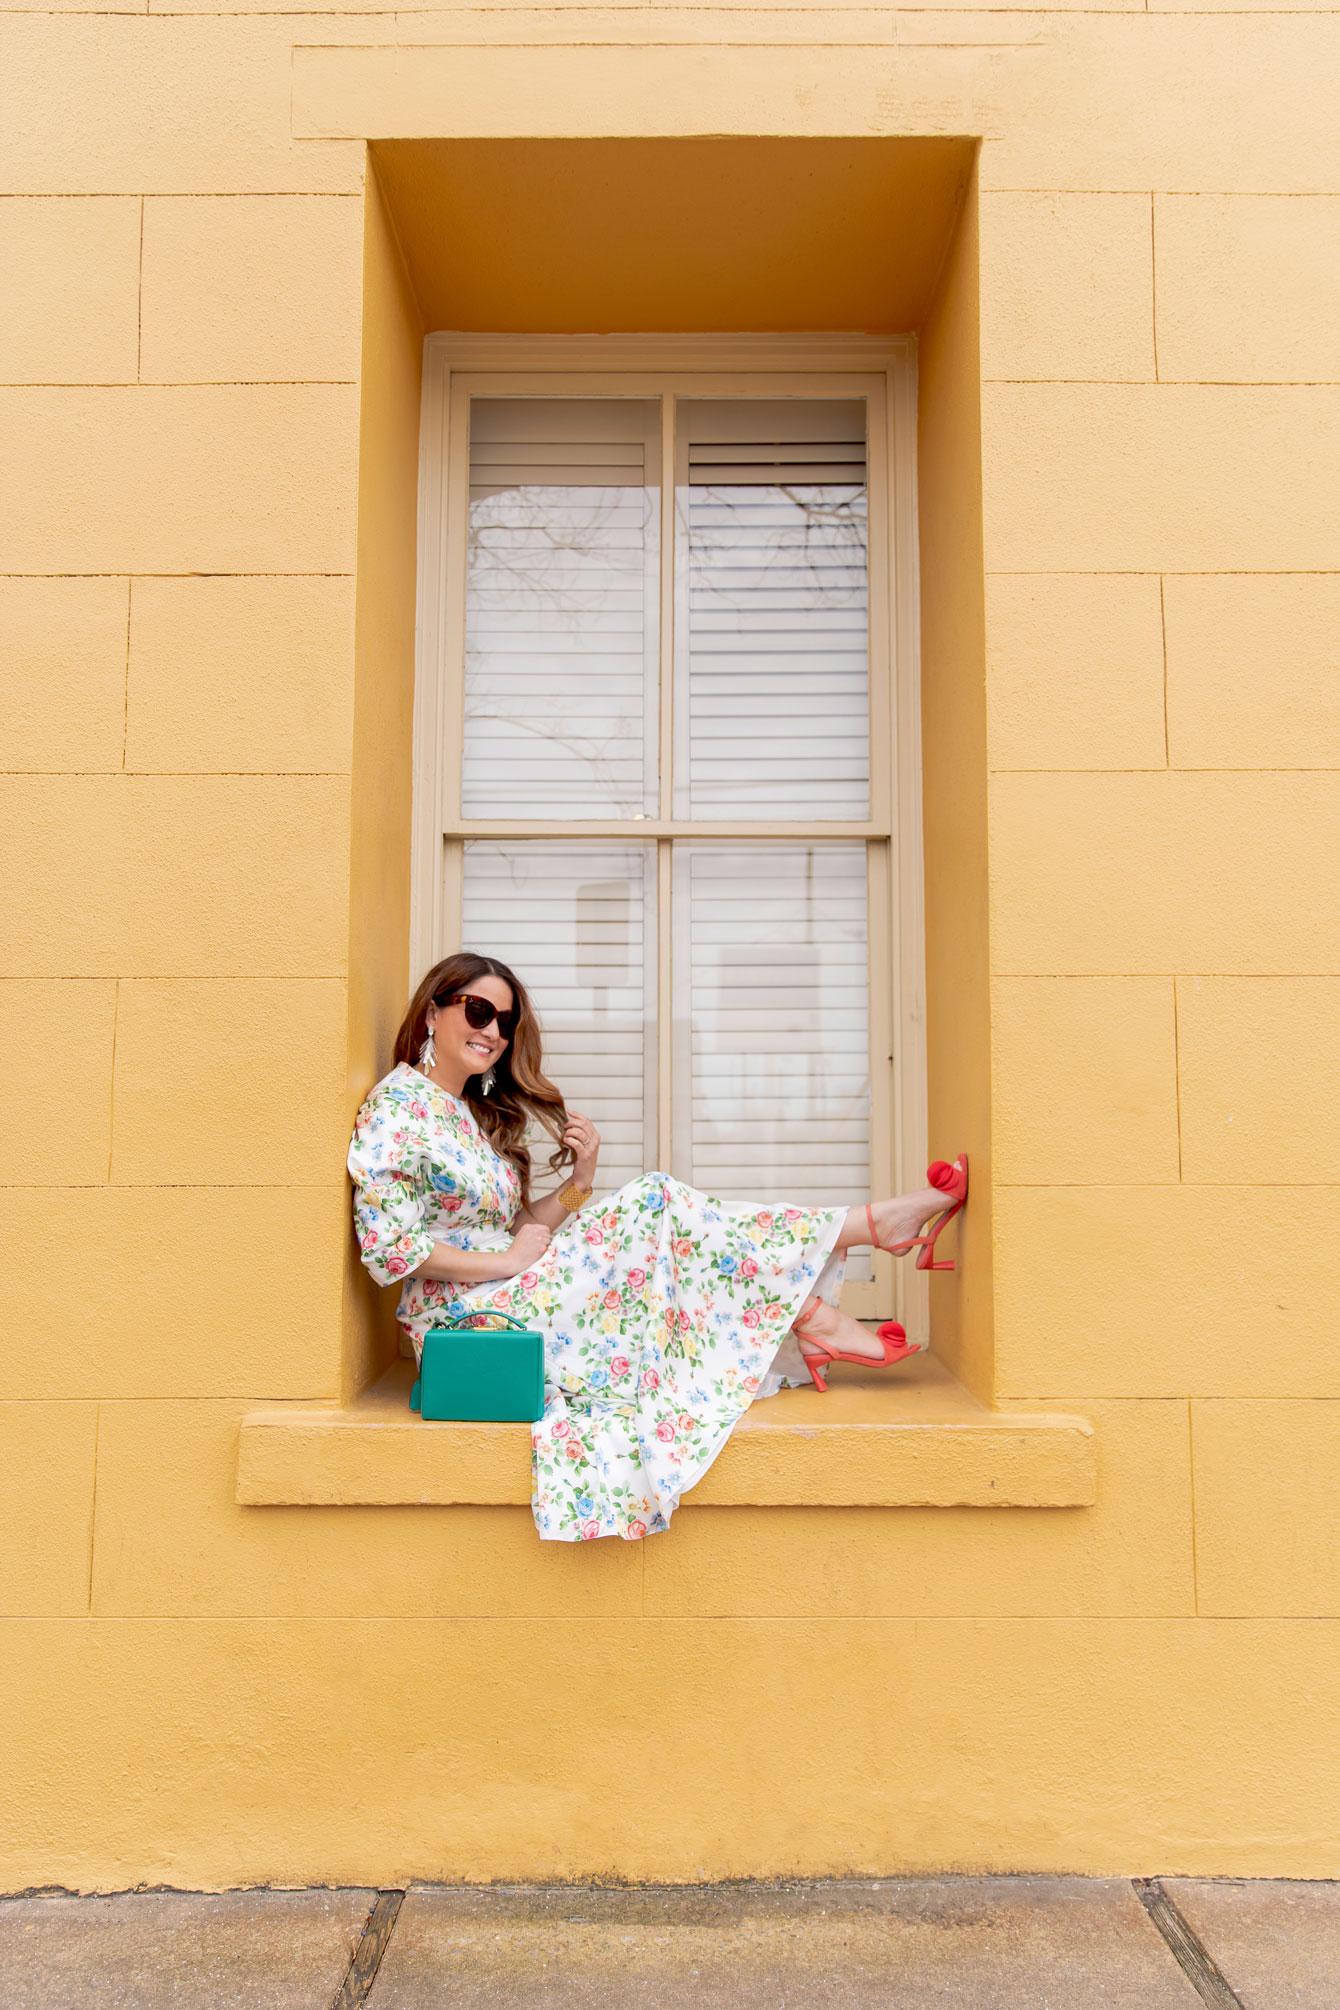 Jennifer Lake Charleston Window Sill